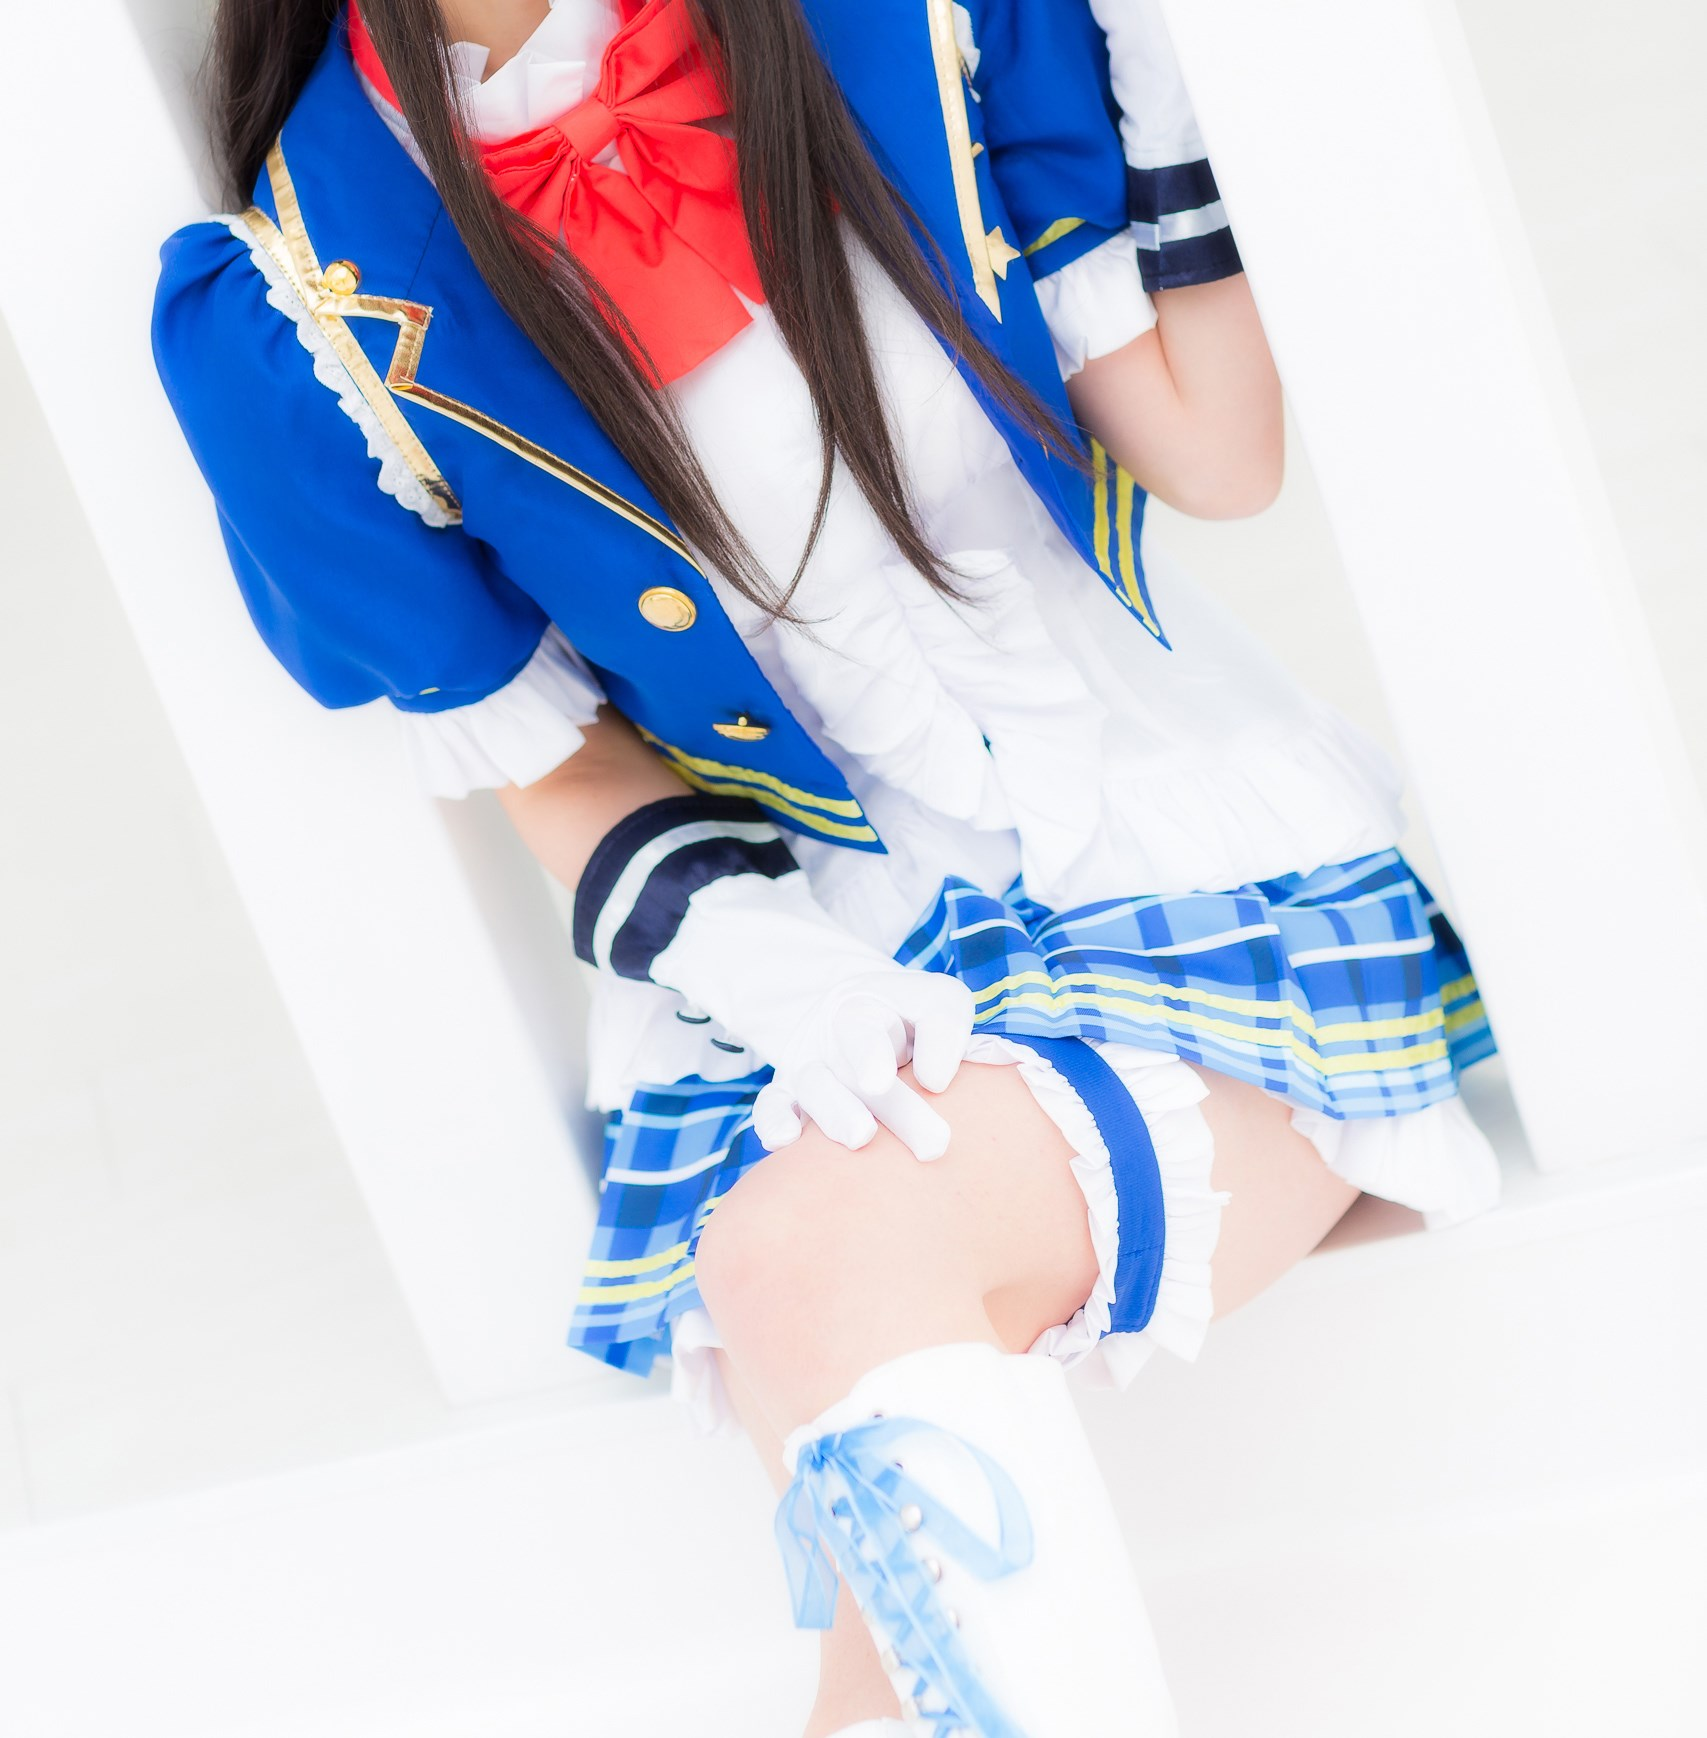 【兔玩映画】少女制服爱豆 兔玩映画 第59张